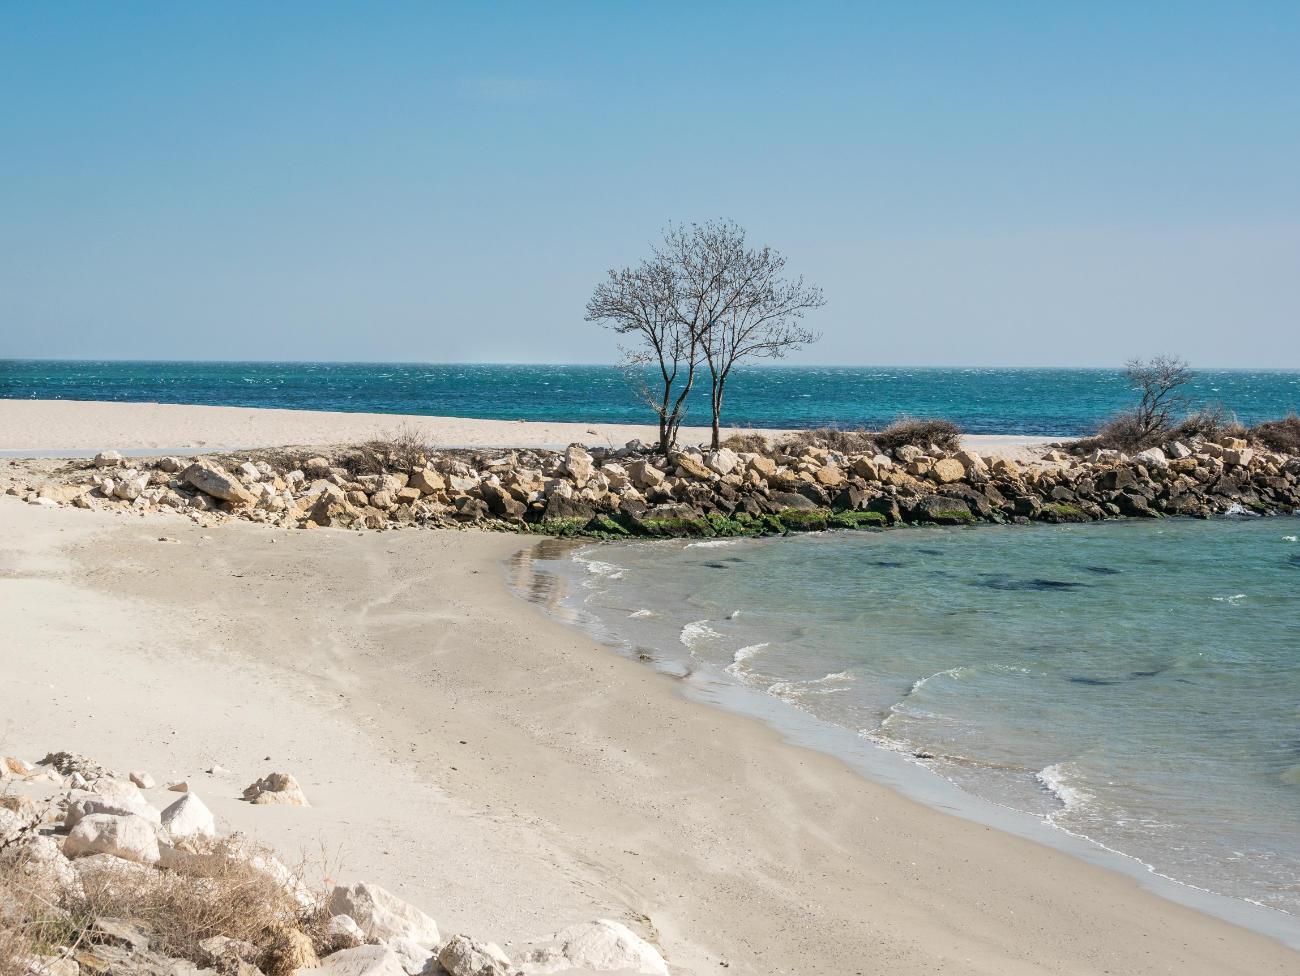 Reisetipps Varna, Bulgarien – Die besten Infos zur Reisevorbereitung